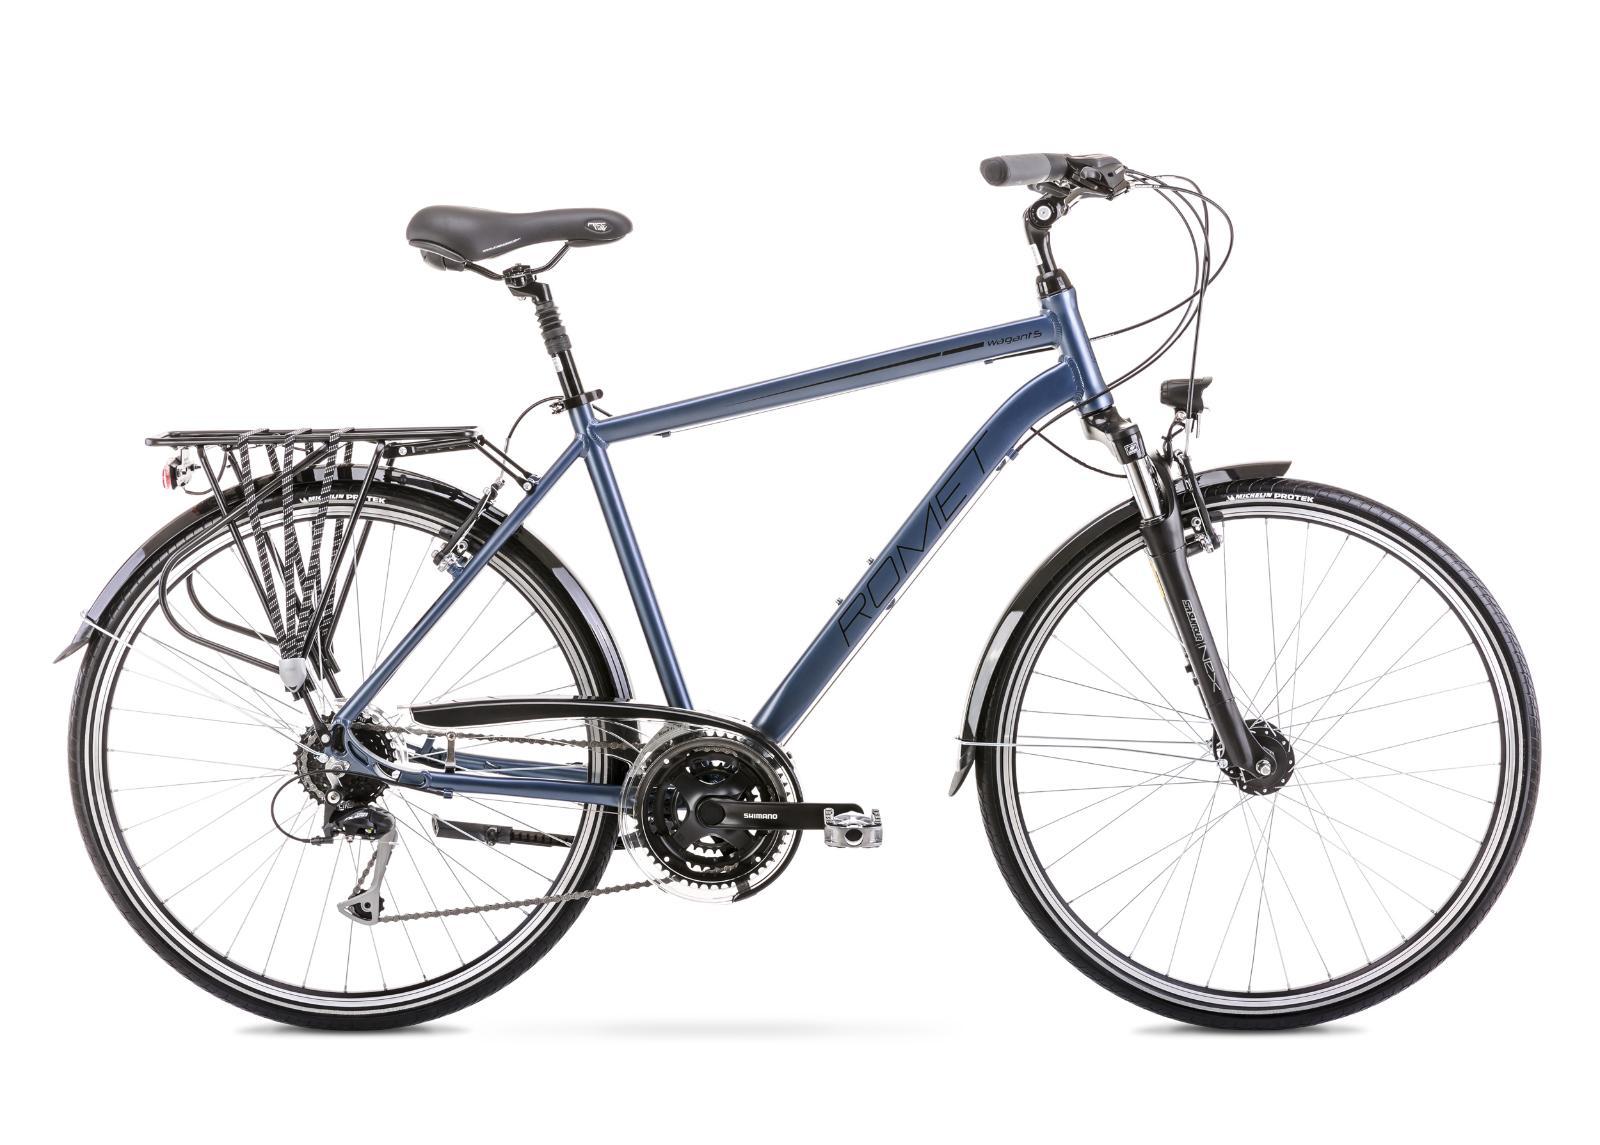 Miesten kaupunkipyörä 23 XL WAGANT 5 hopeanvärinen